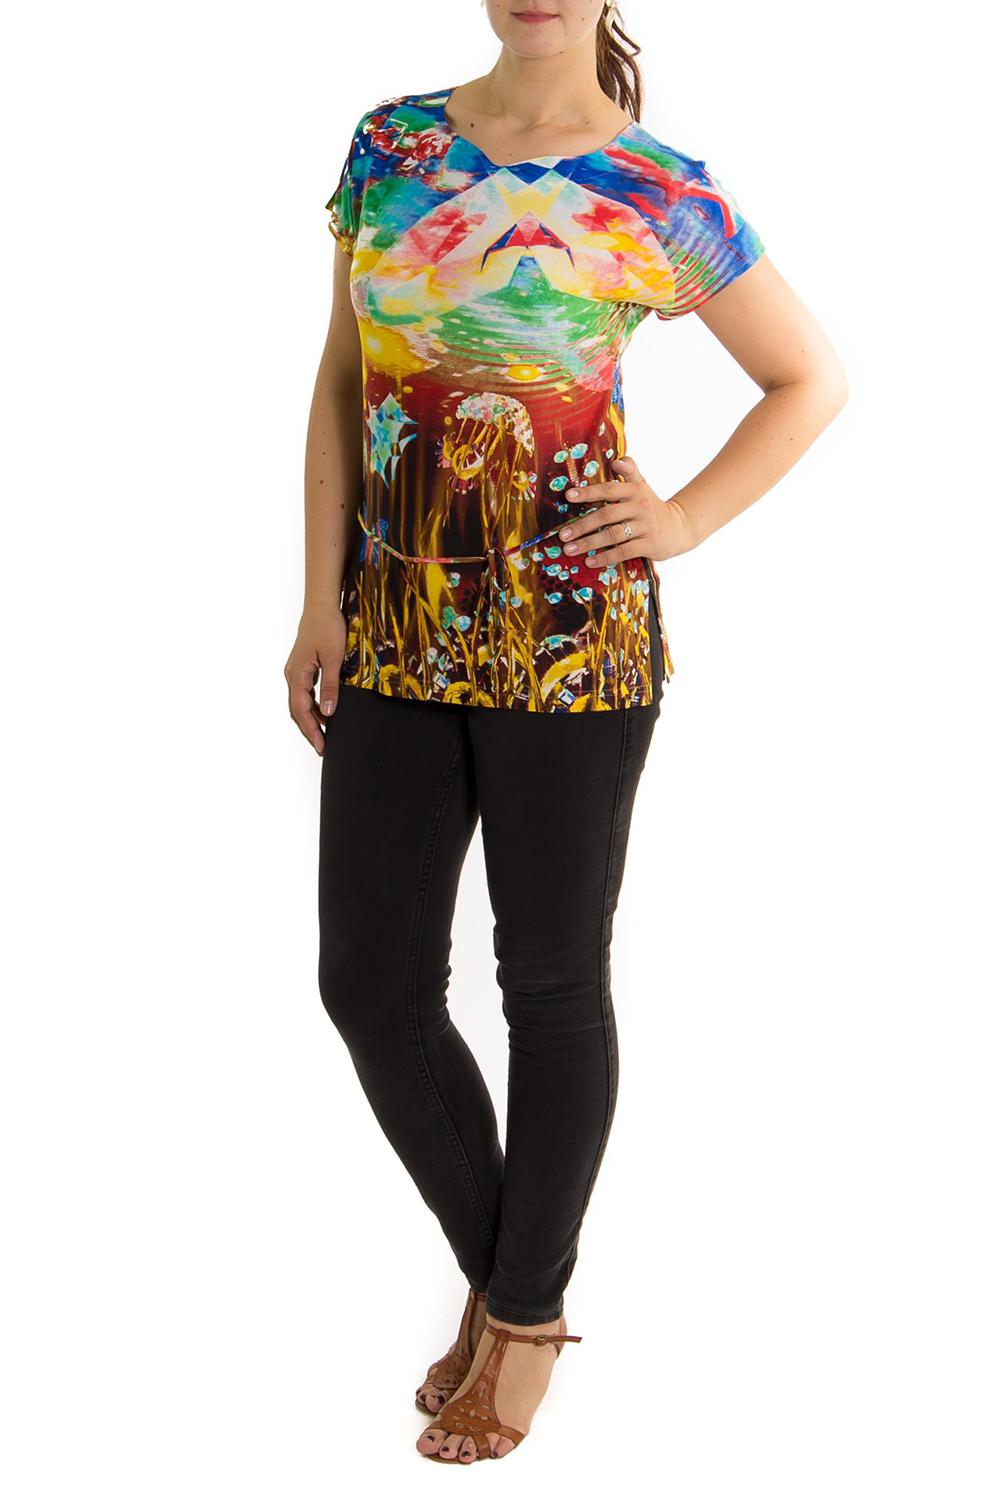 БлузкаБлузки<br>Яркая летняя блузка из приятного трикотажа.<br><br>По материалу: Вискоза,Трикотаж<br>По рисунку: Цветные,С принтом<br>По сезону: Лето,Весна,Зима,Осень,Всесезон<br>Рукав: Короткий рукав<br>По стилю: Повседневный стиль,Летний стиль<br>Горловина: Фигурная горловина<br>По силуэту: Полуприталенные<br>Размер : 48<br>Материал: Холодное масло<br>Количество в наличии: 1